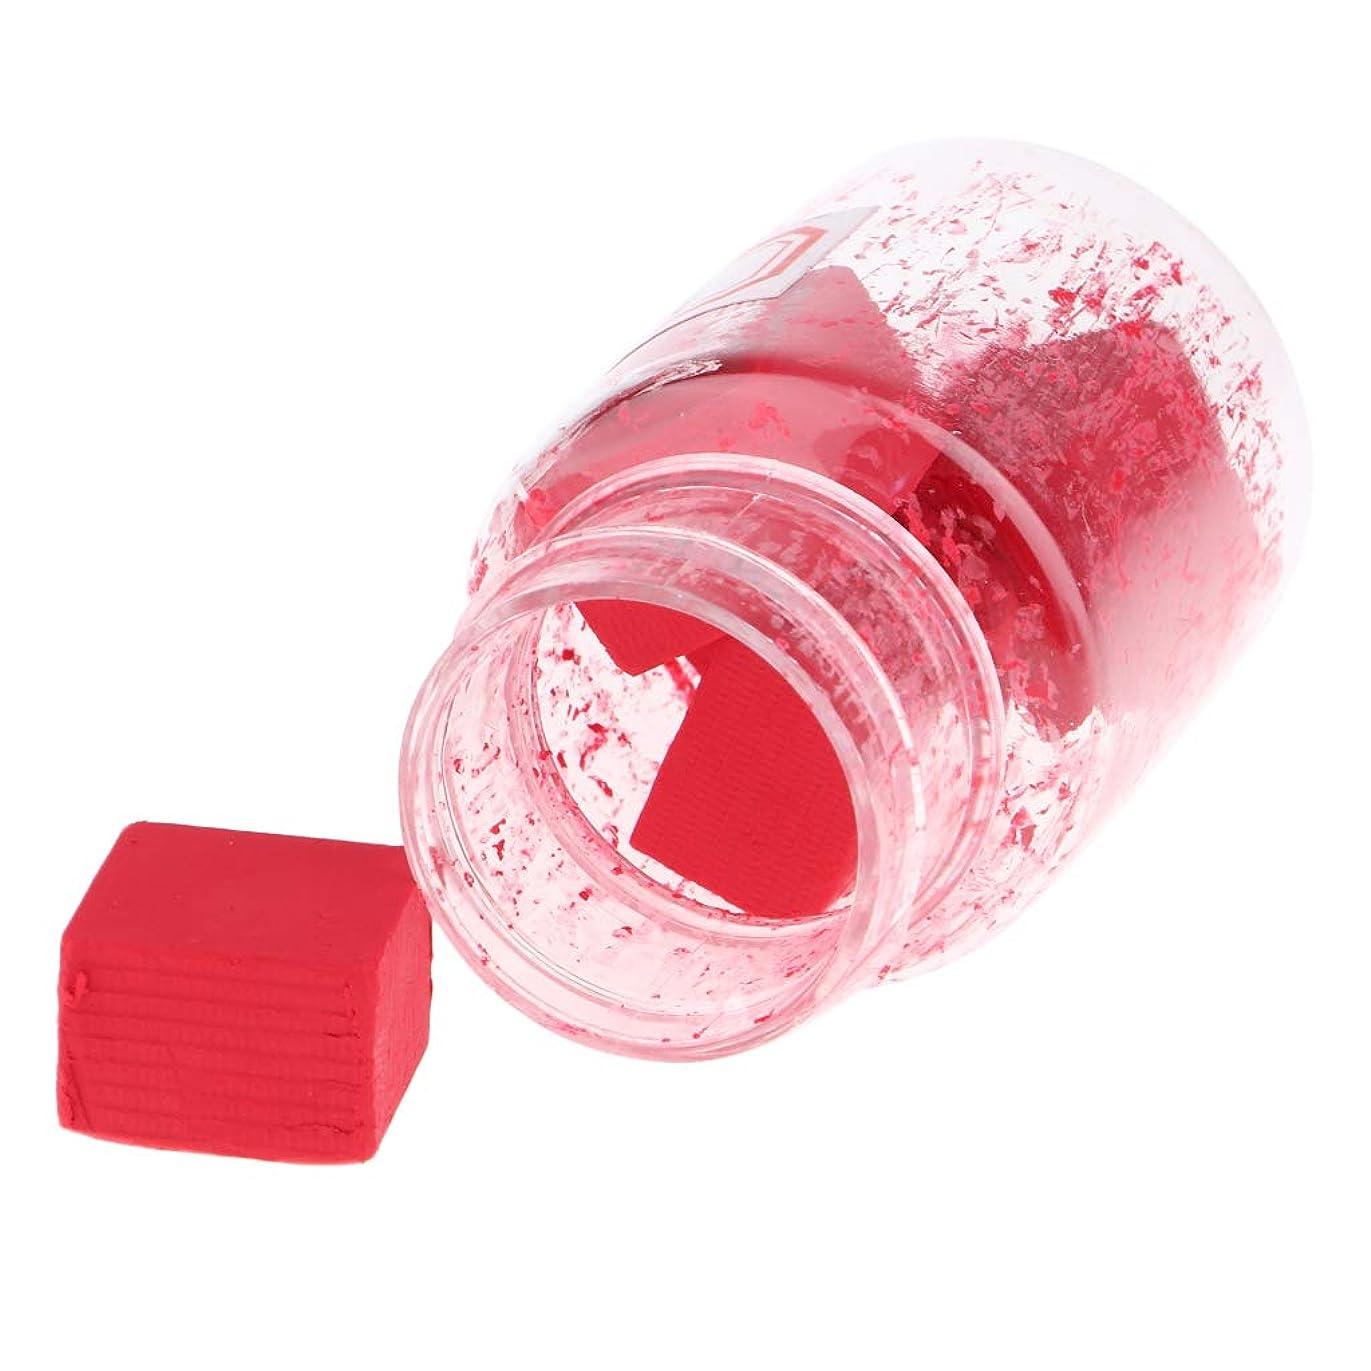 よろしく真実に不可能なPerfeclan 口紅作り DIY リップスティック原料 赤面原料 無ワックス 無粉砕 無飛翔粉末 9色選択でき - B